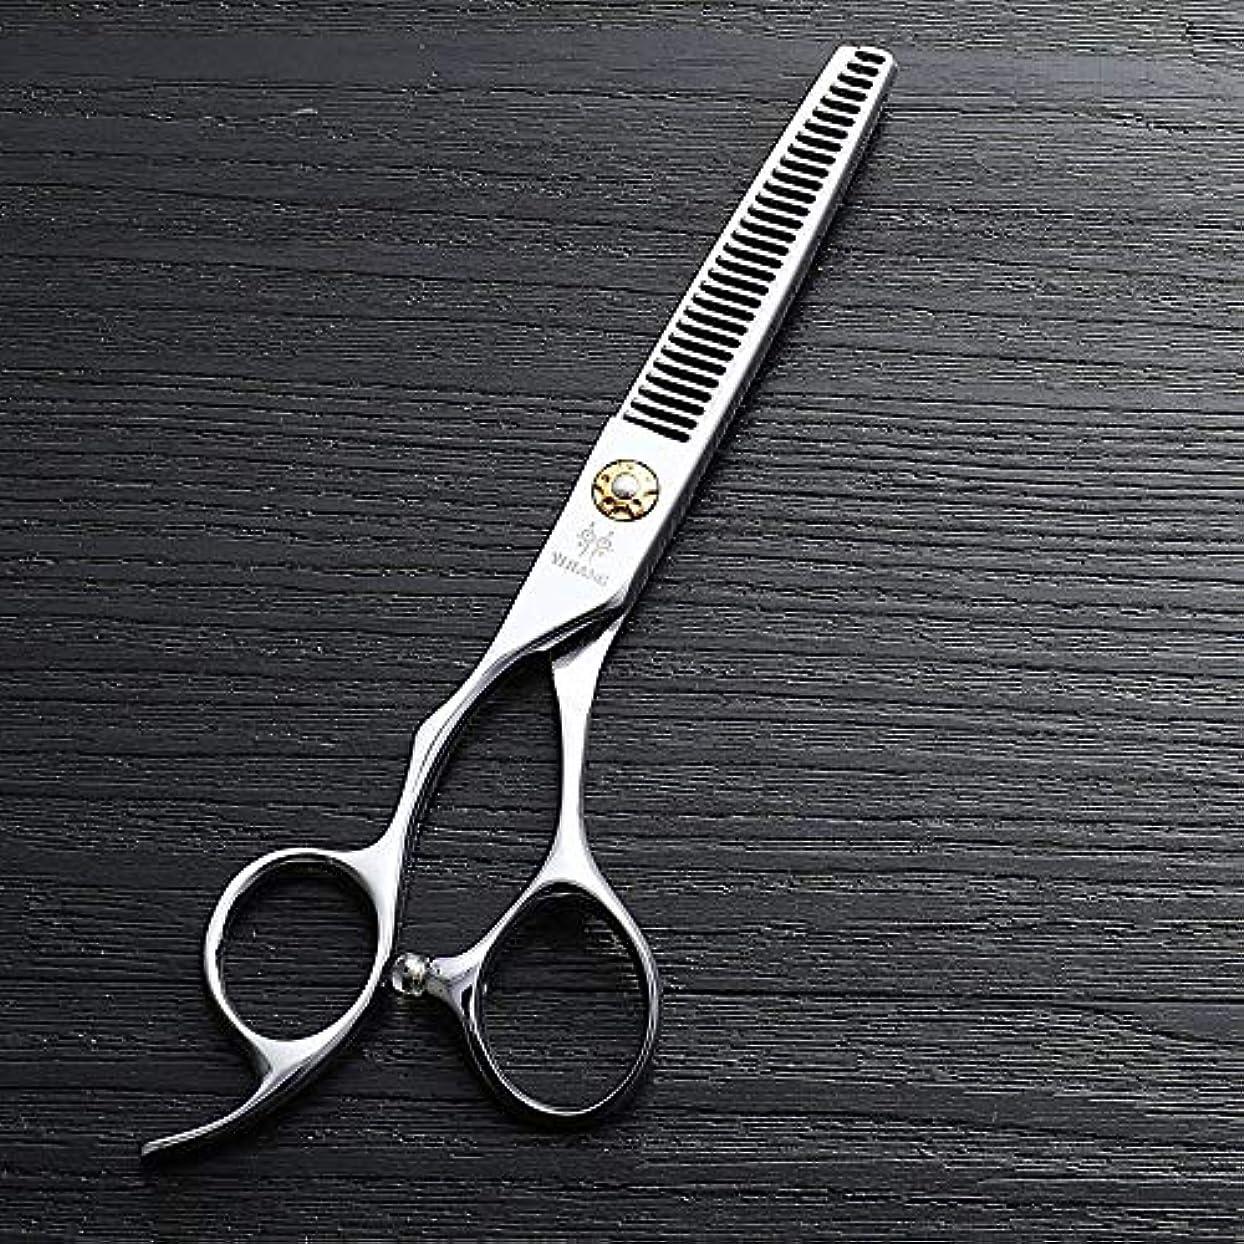 精緻化地理テーマ6インチ美容院プロのヘアカットハイエンド左手歯はさみ、440 cステンレス鋼理髪ツール ヘアケア (色 : Silver)